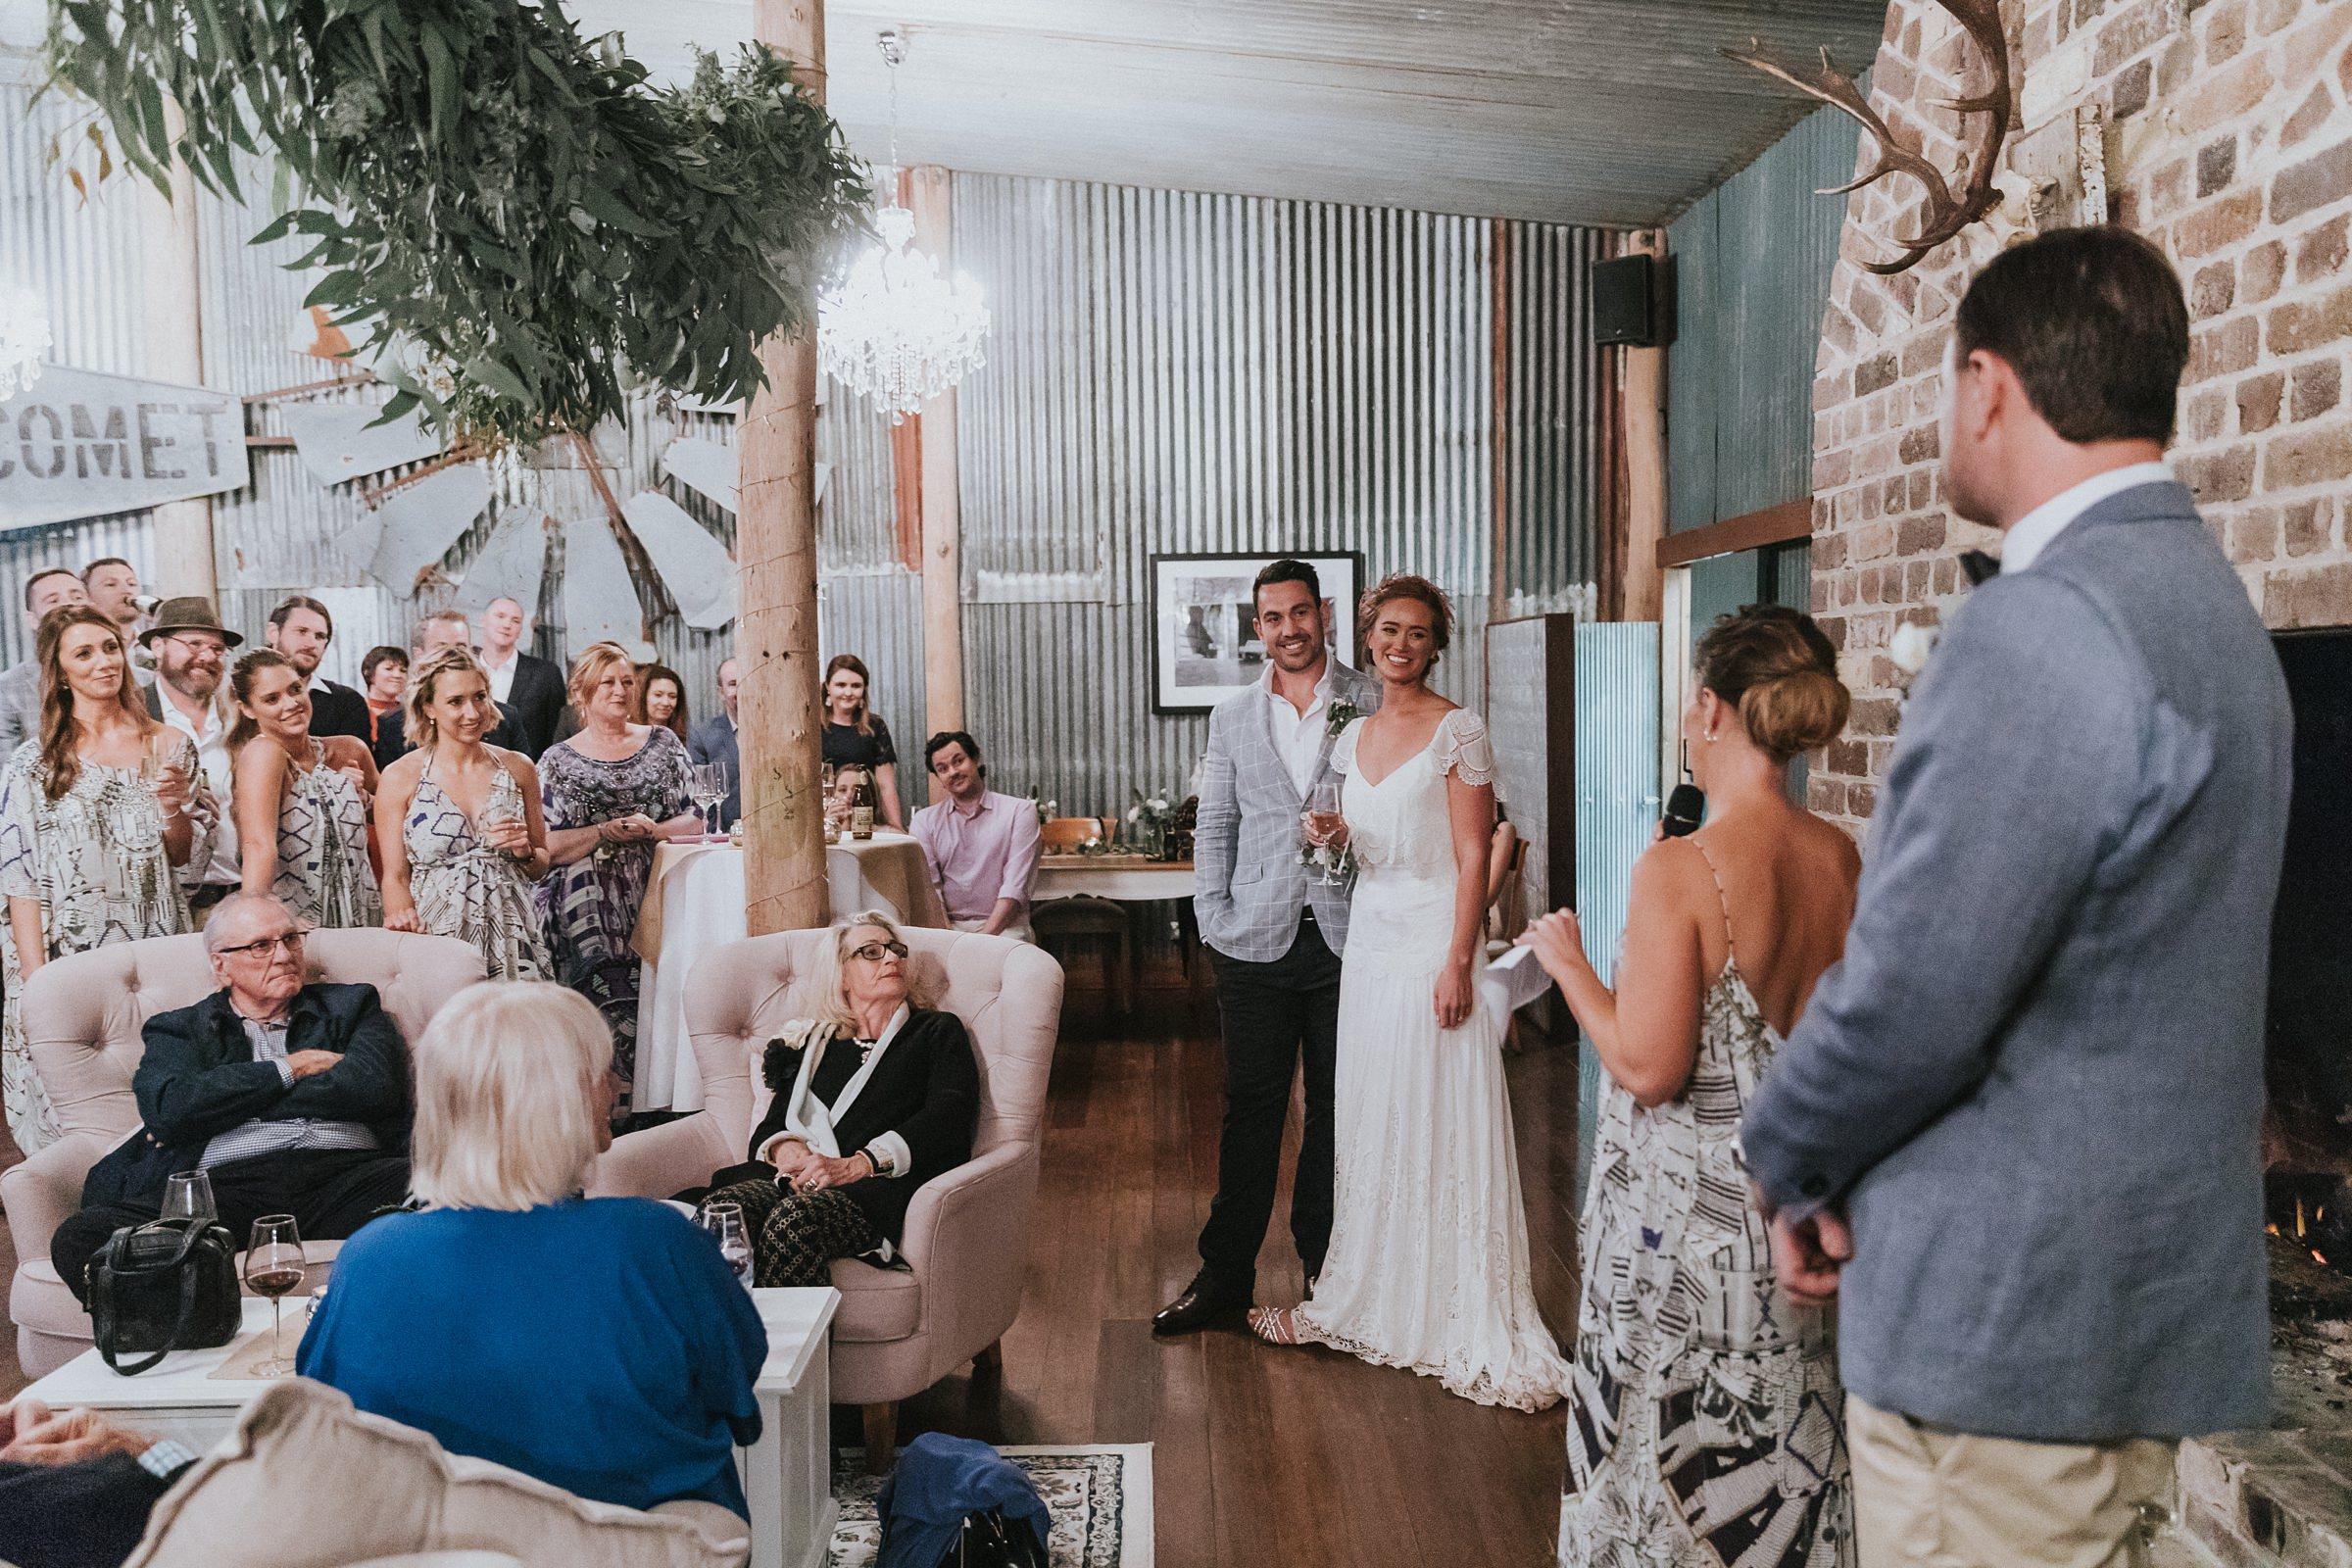 mali brae farm speeches during wedding reception